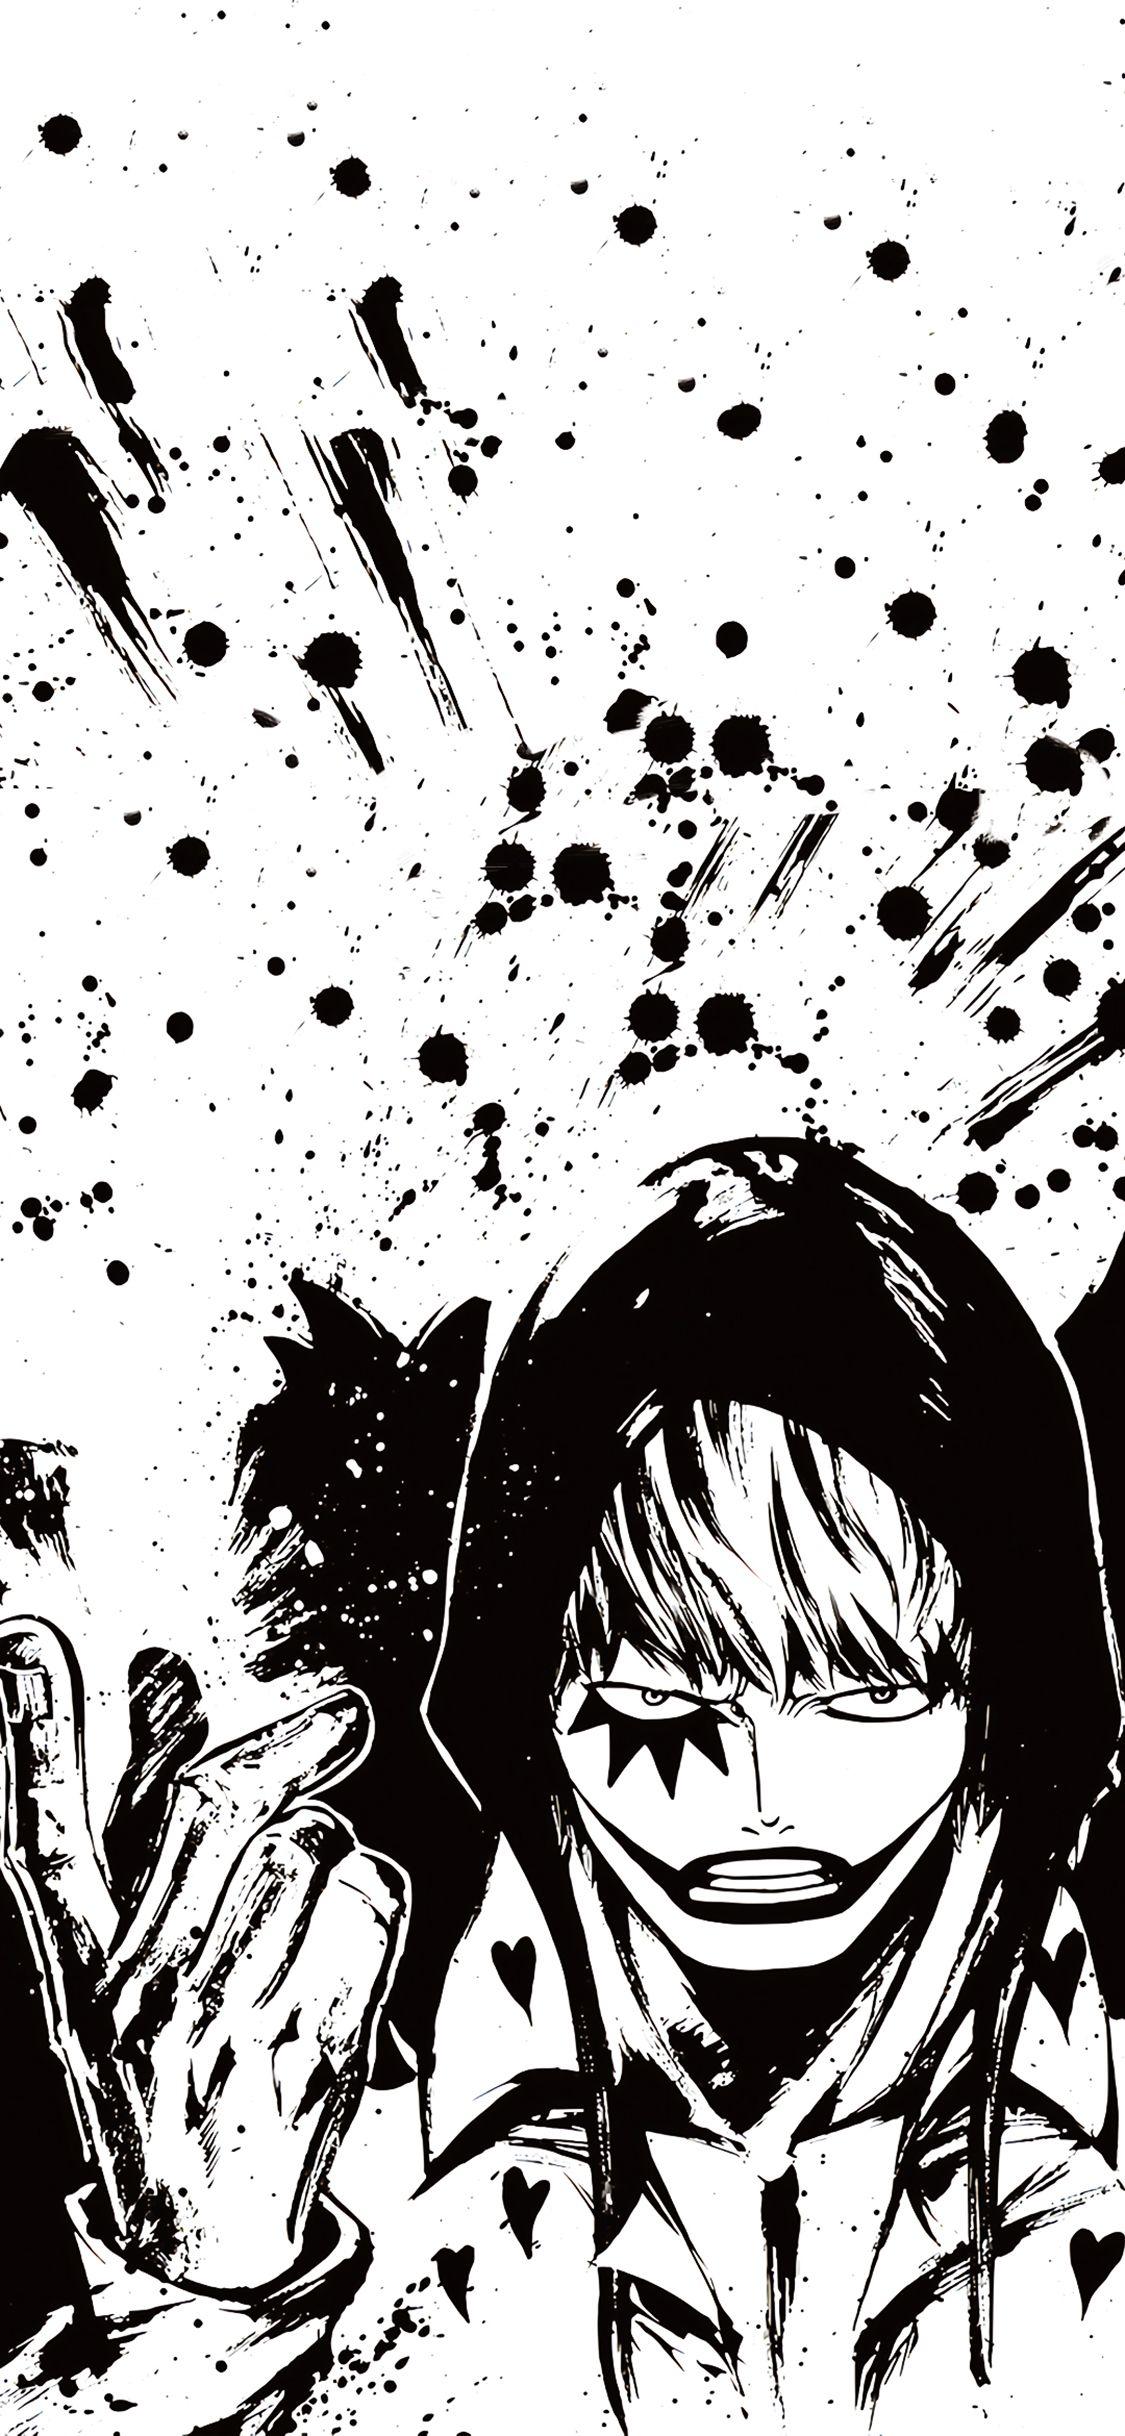 cartoons 白黒の壁紙 ロシナンテ コラソン